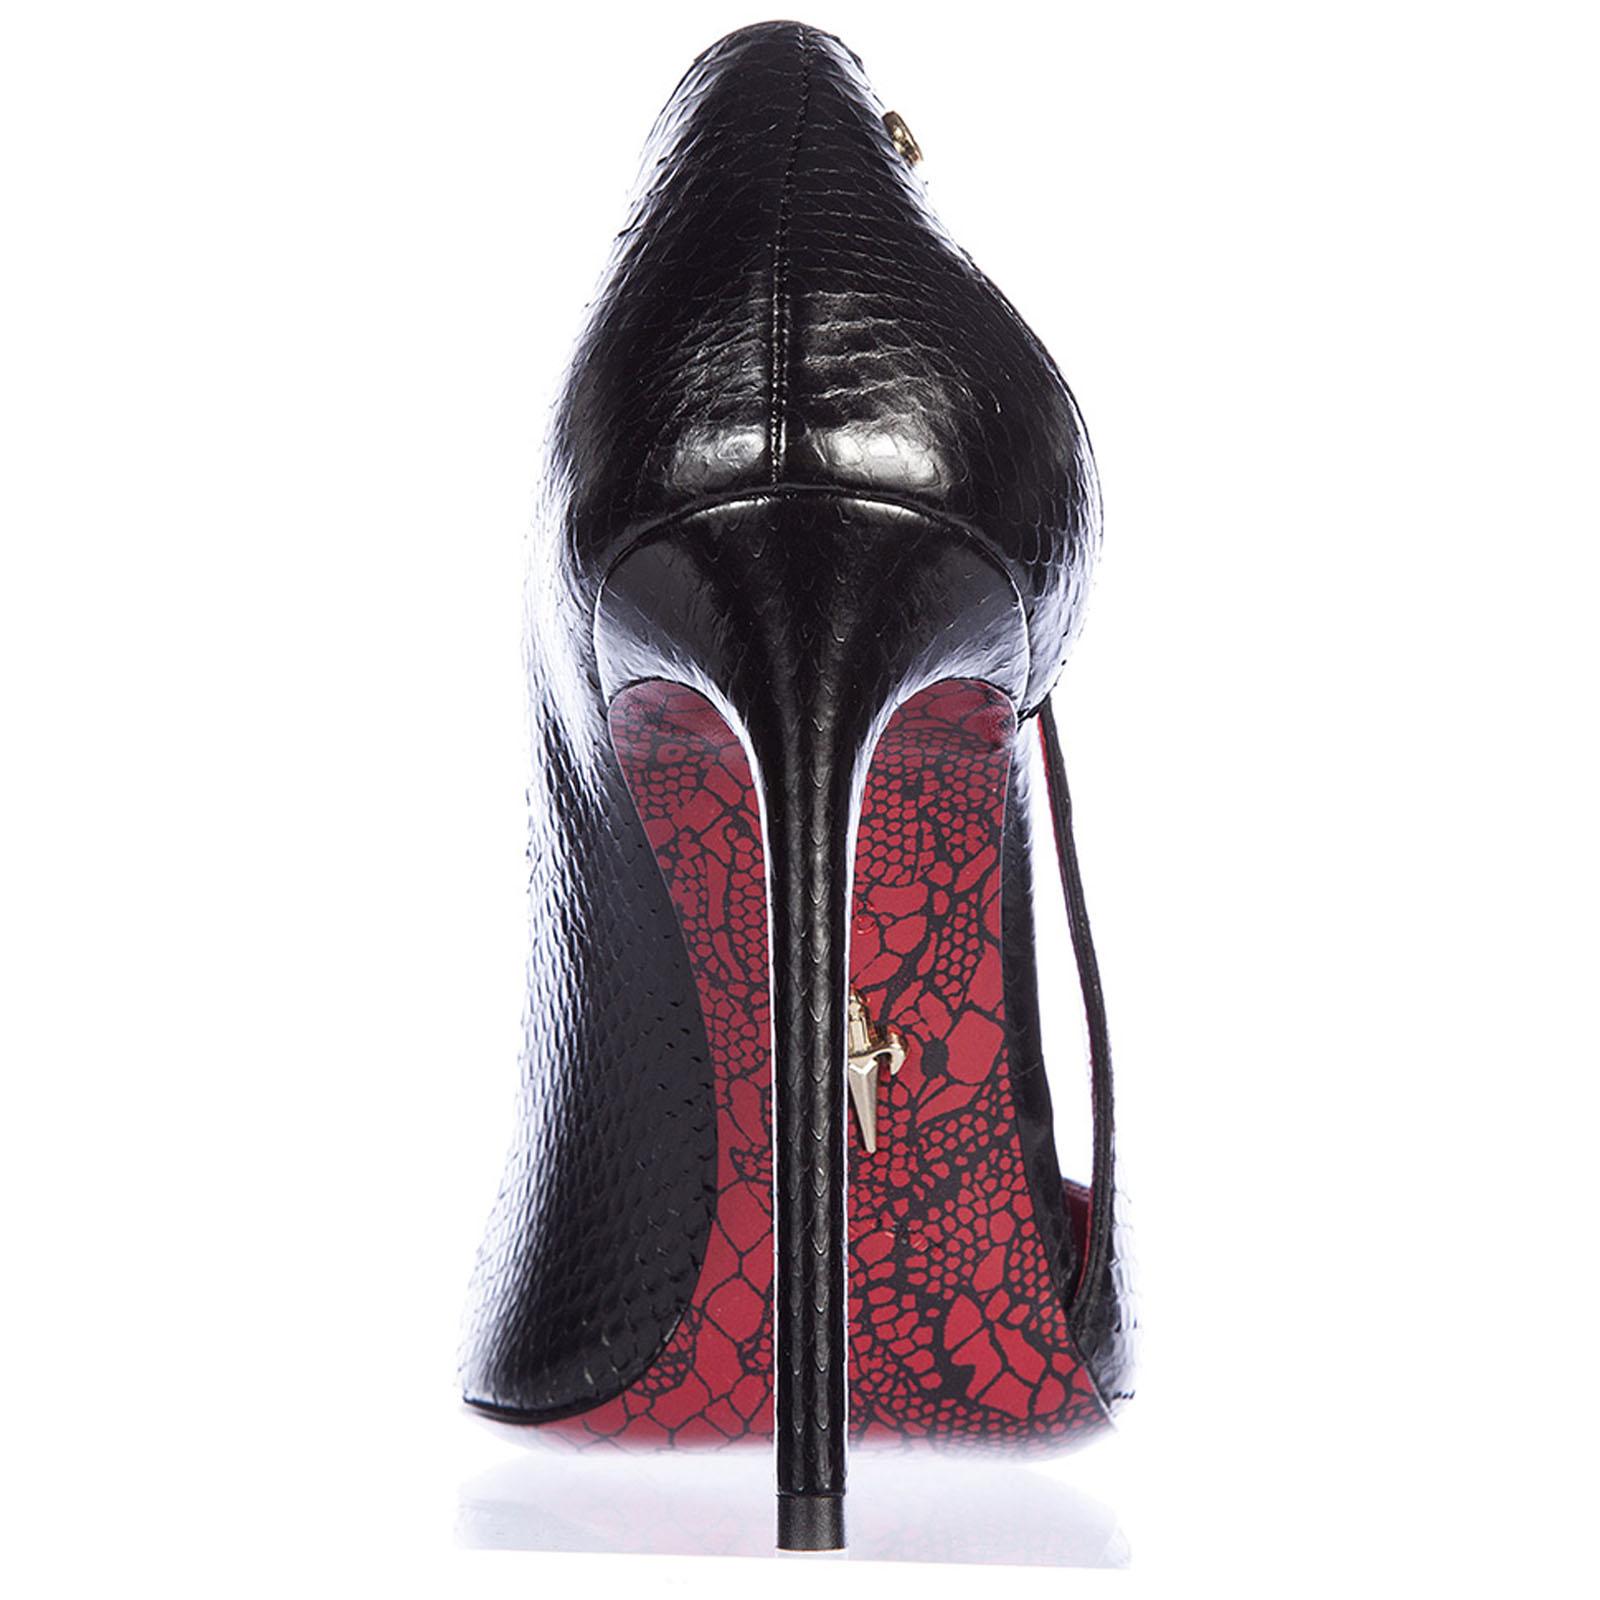 Zapatos de salón escotes mujer en piel ayer